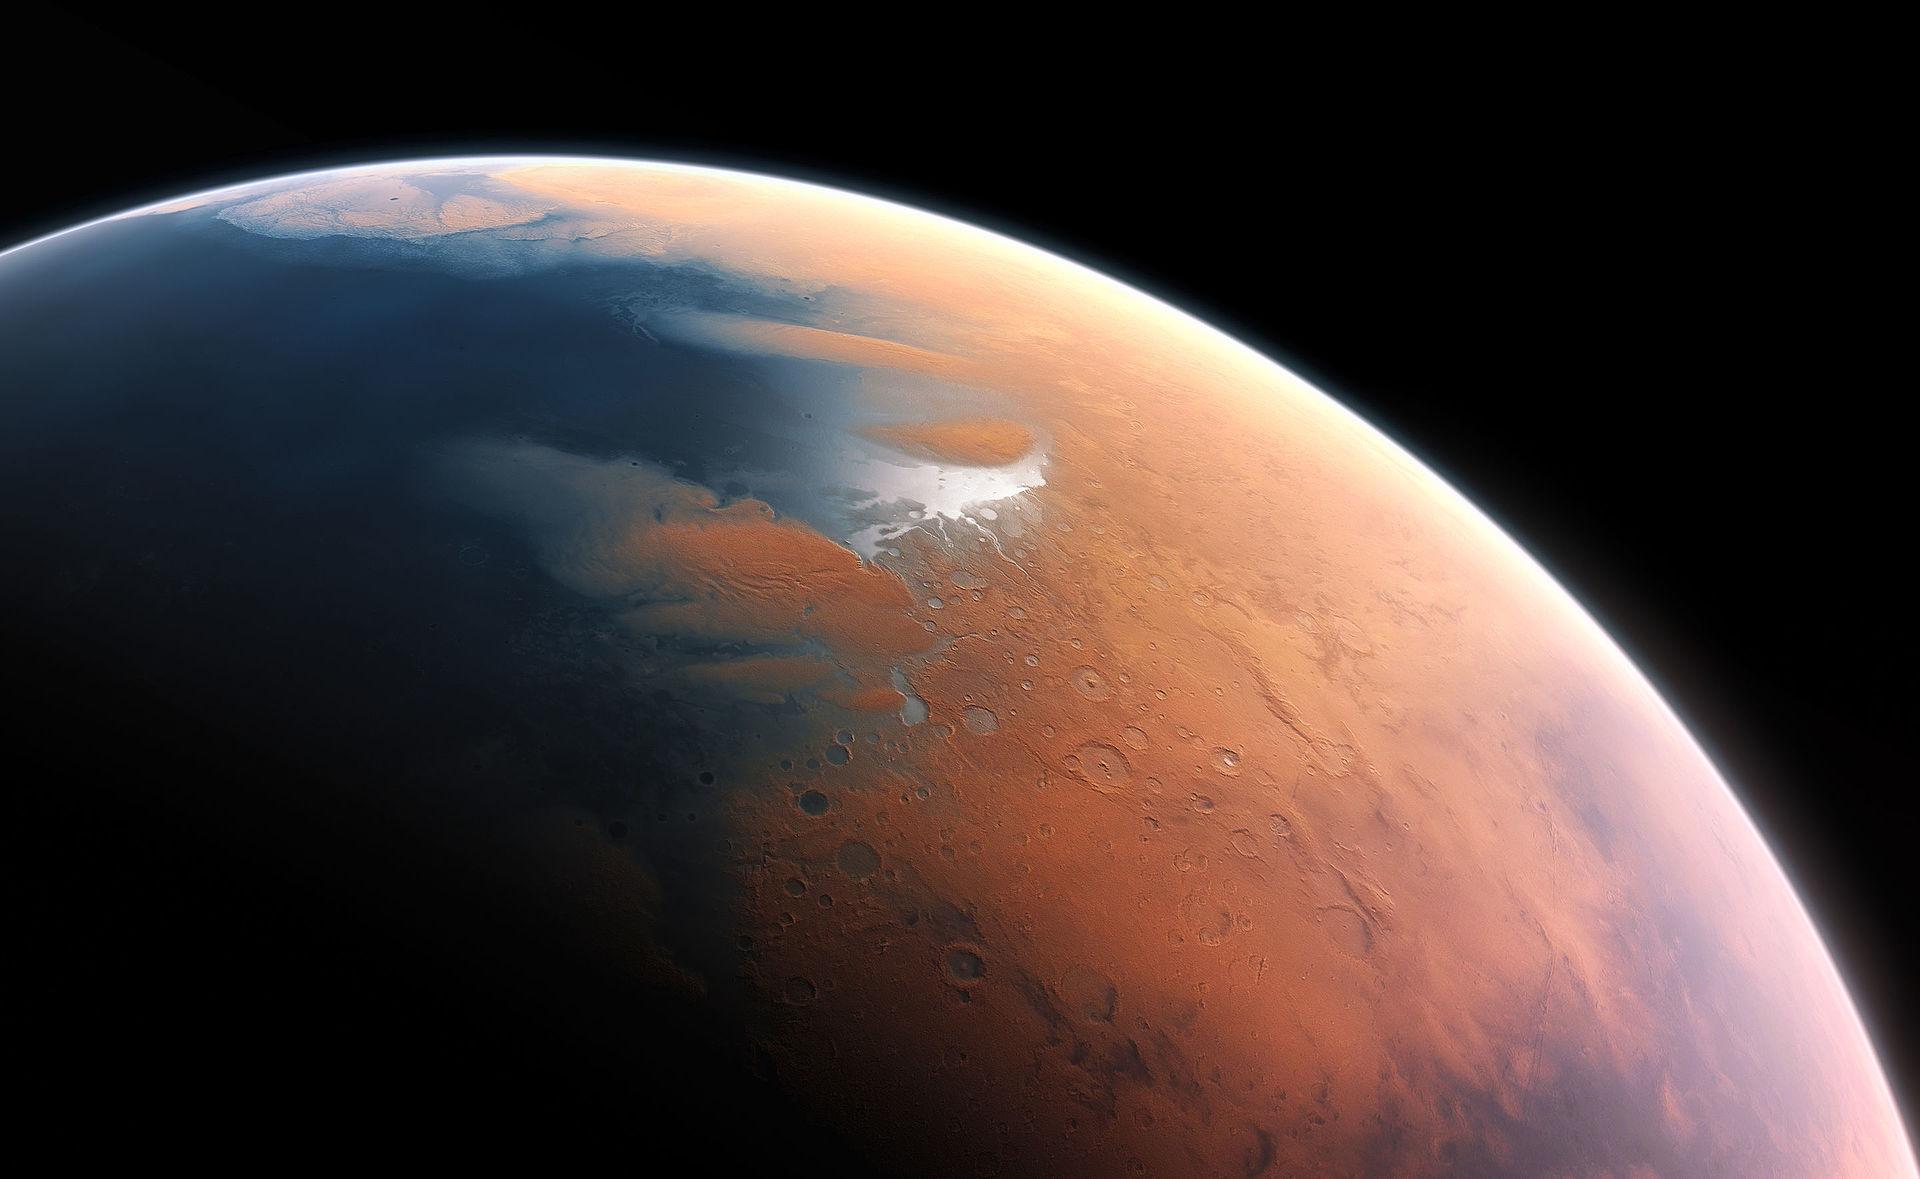 ภาพจำลองดาวอังคารเมื่อ 4 พันล้านปีก่อนพบว่ามันเต็มไปด้วยน้ำ (ภาพโดย European Southern Observatory / M. Kornmesser)